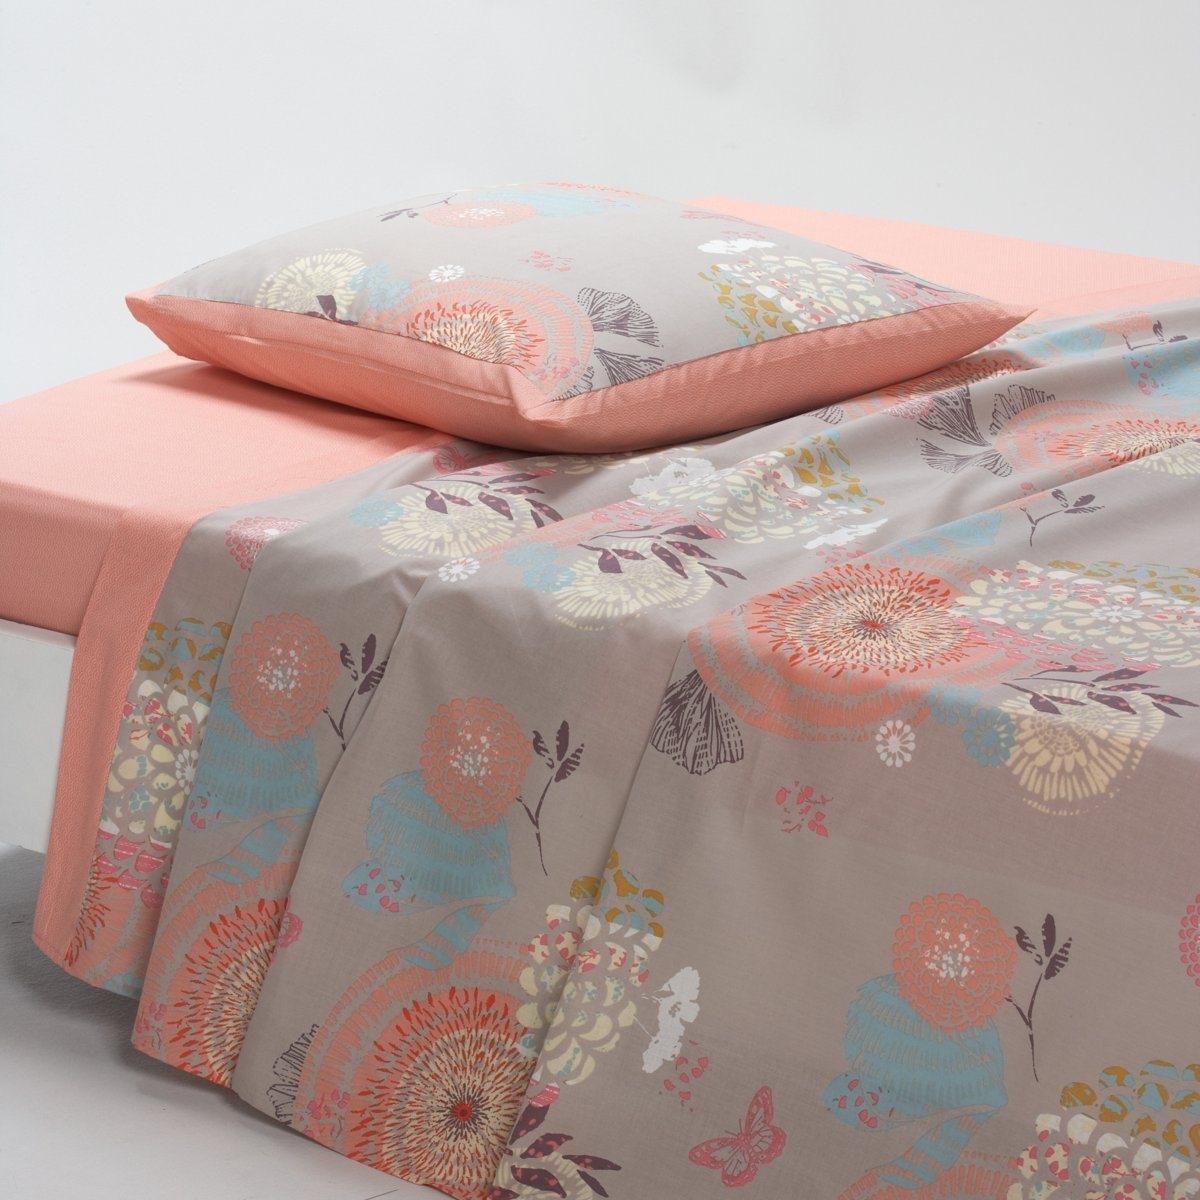 Простыня ЭлараКачество VALEUR S?RE за ткань с плотным переплетением нитей (57 нитей/см?). Крупные стилизованные цветы и мелкий рисунок в японском стиле. 100% хлопка. Стирка при 60°. Размеры:  180 x 290 см: 1-сп. 240 x 290 см: 2-сп. 270 x 290 см: 2-сп.<br><br>Цвет: принт/бежевый